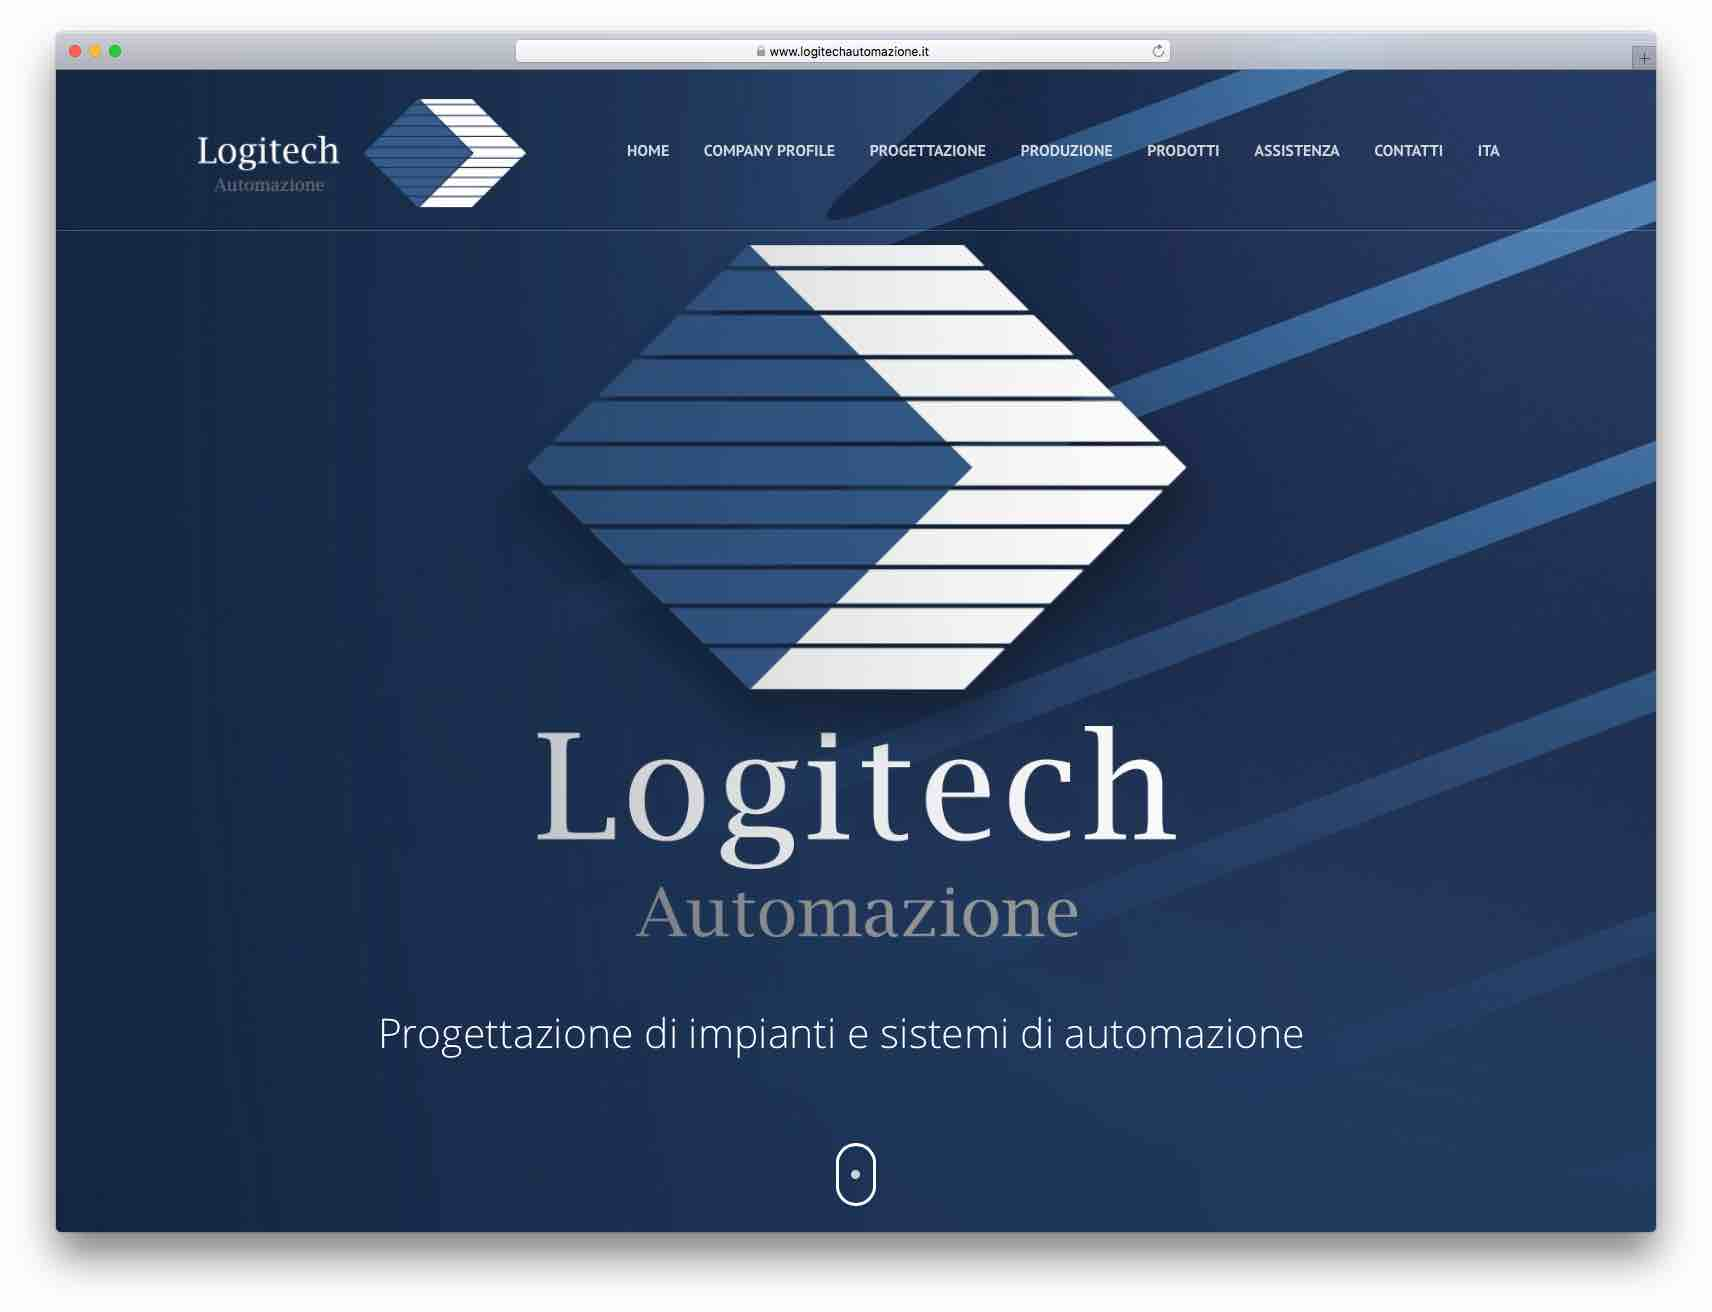 Creazione Siti Web Brescia - Sito Web Logitech Automazione